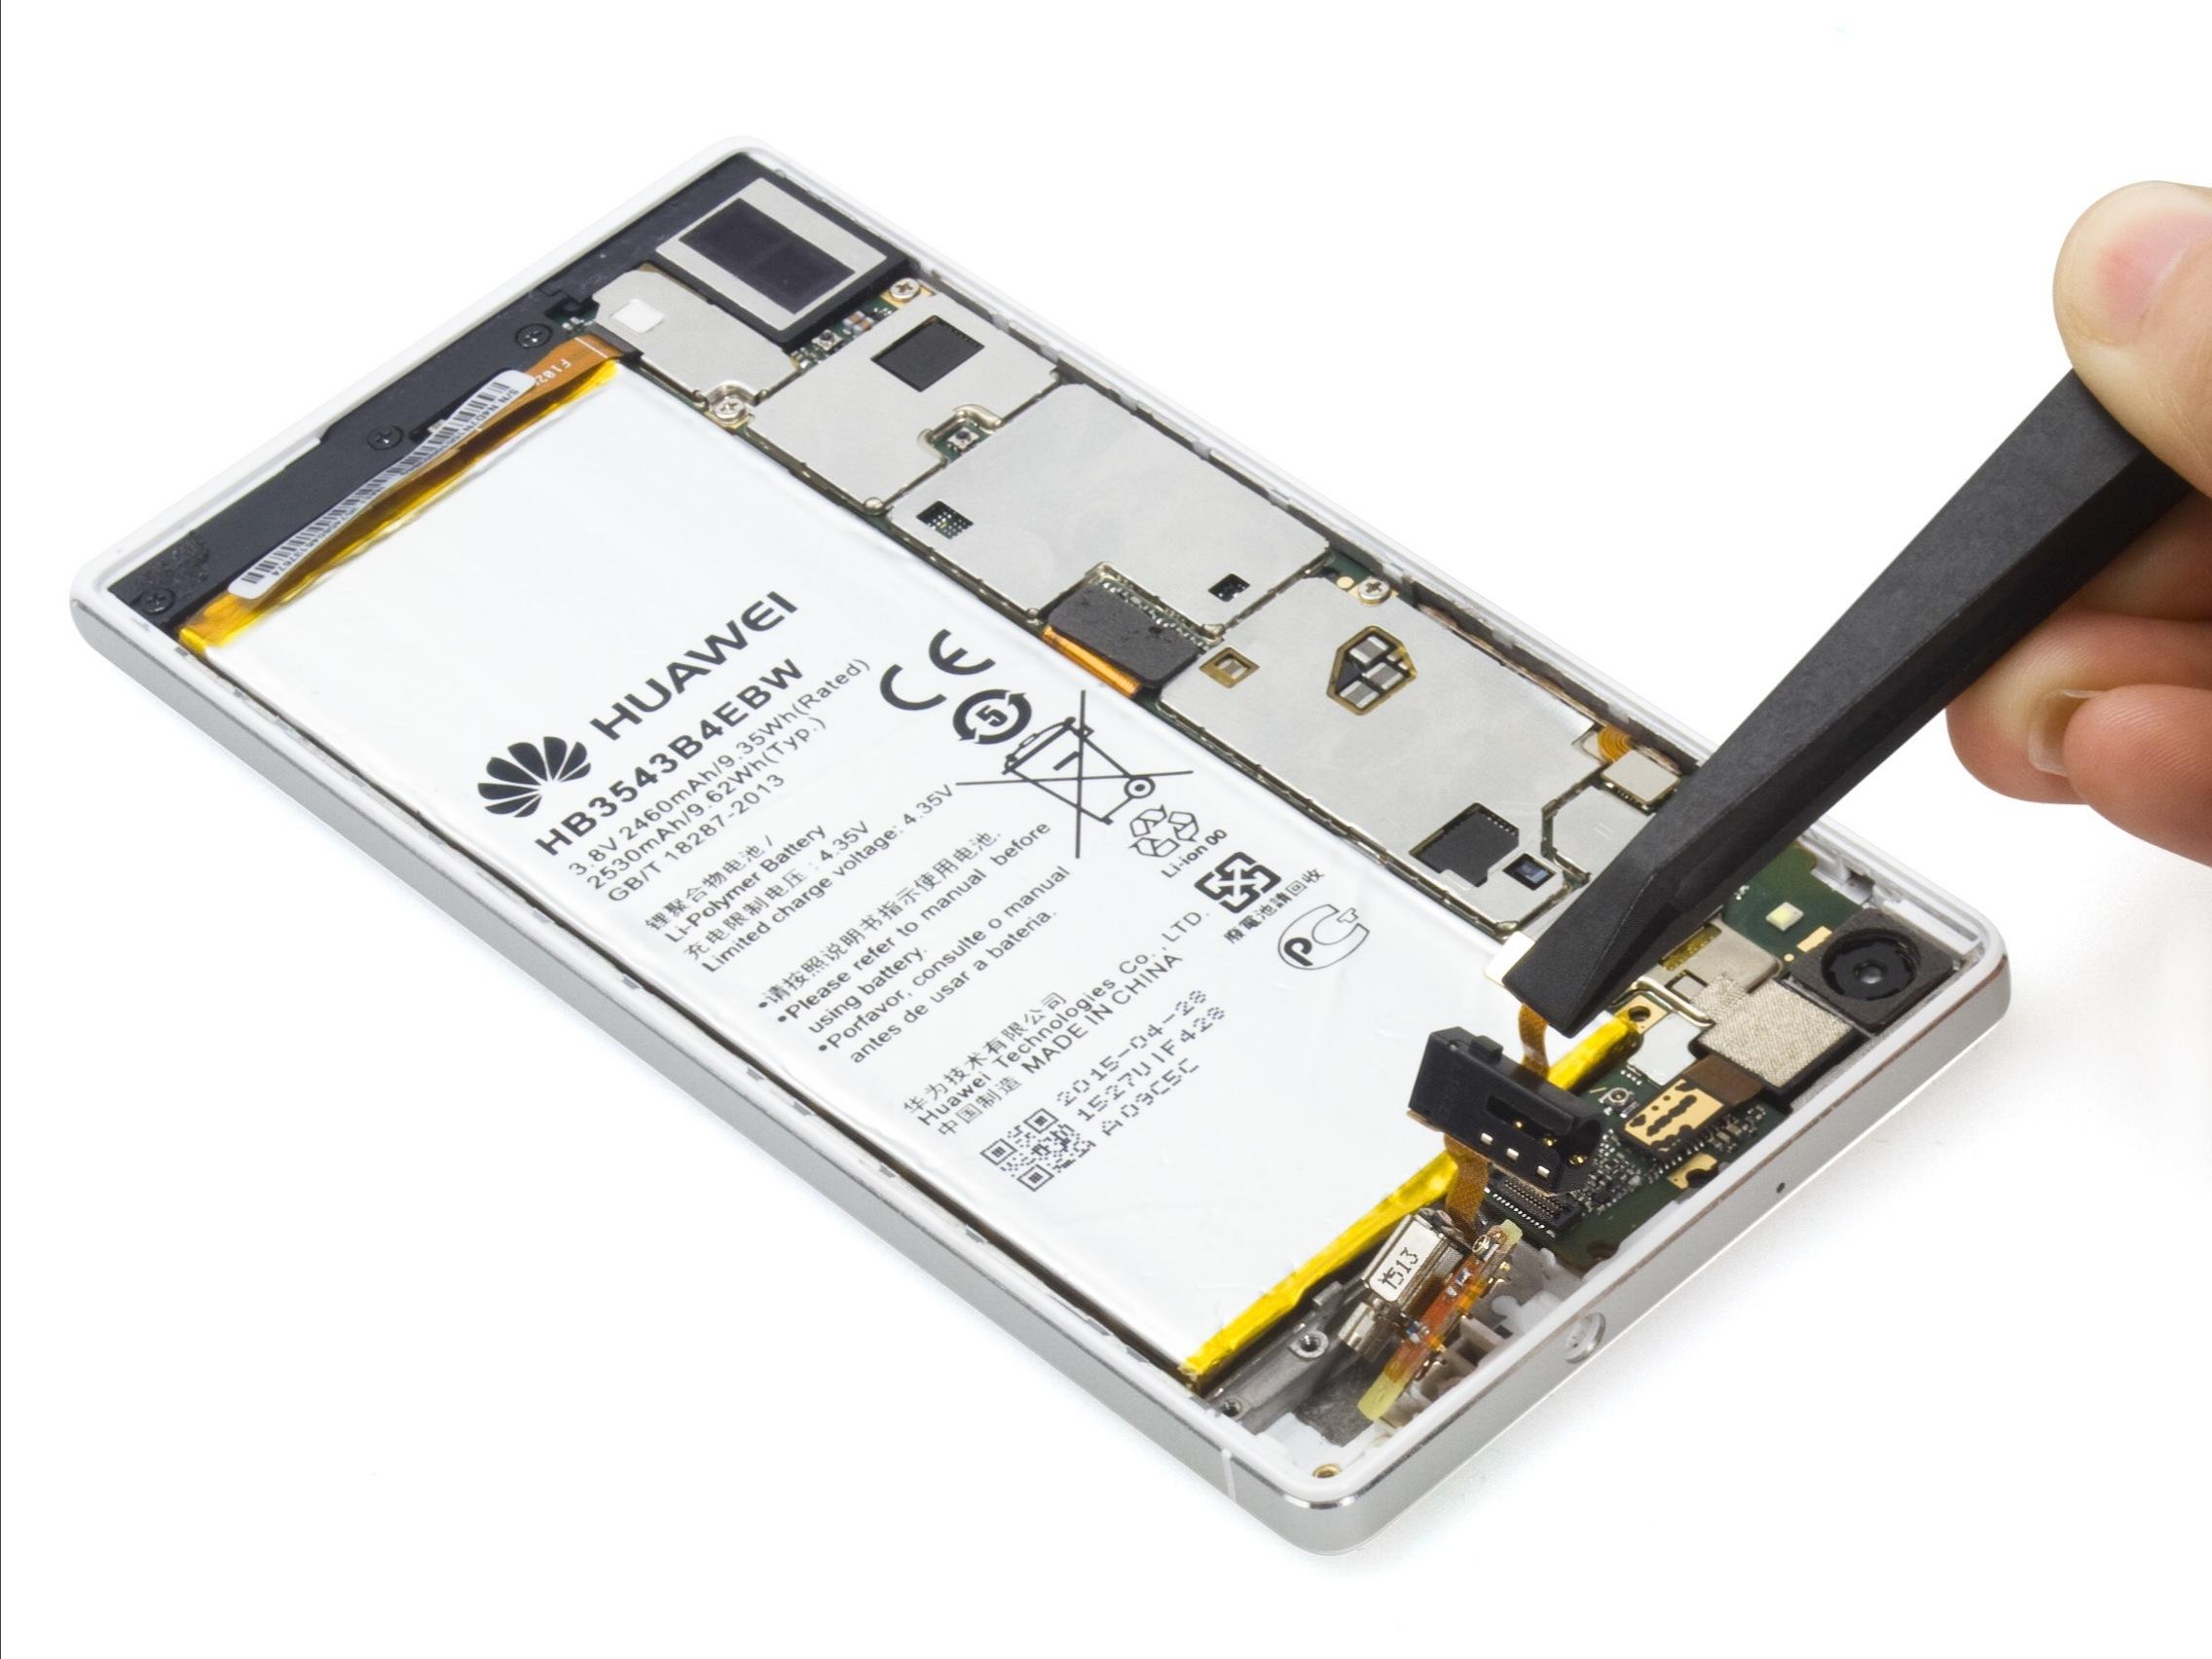 Huawei No Network